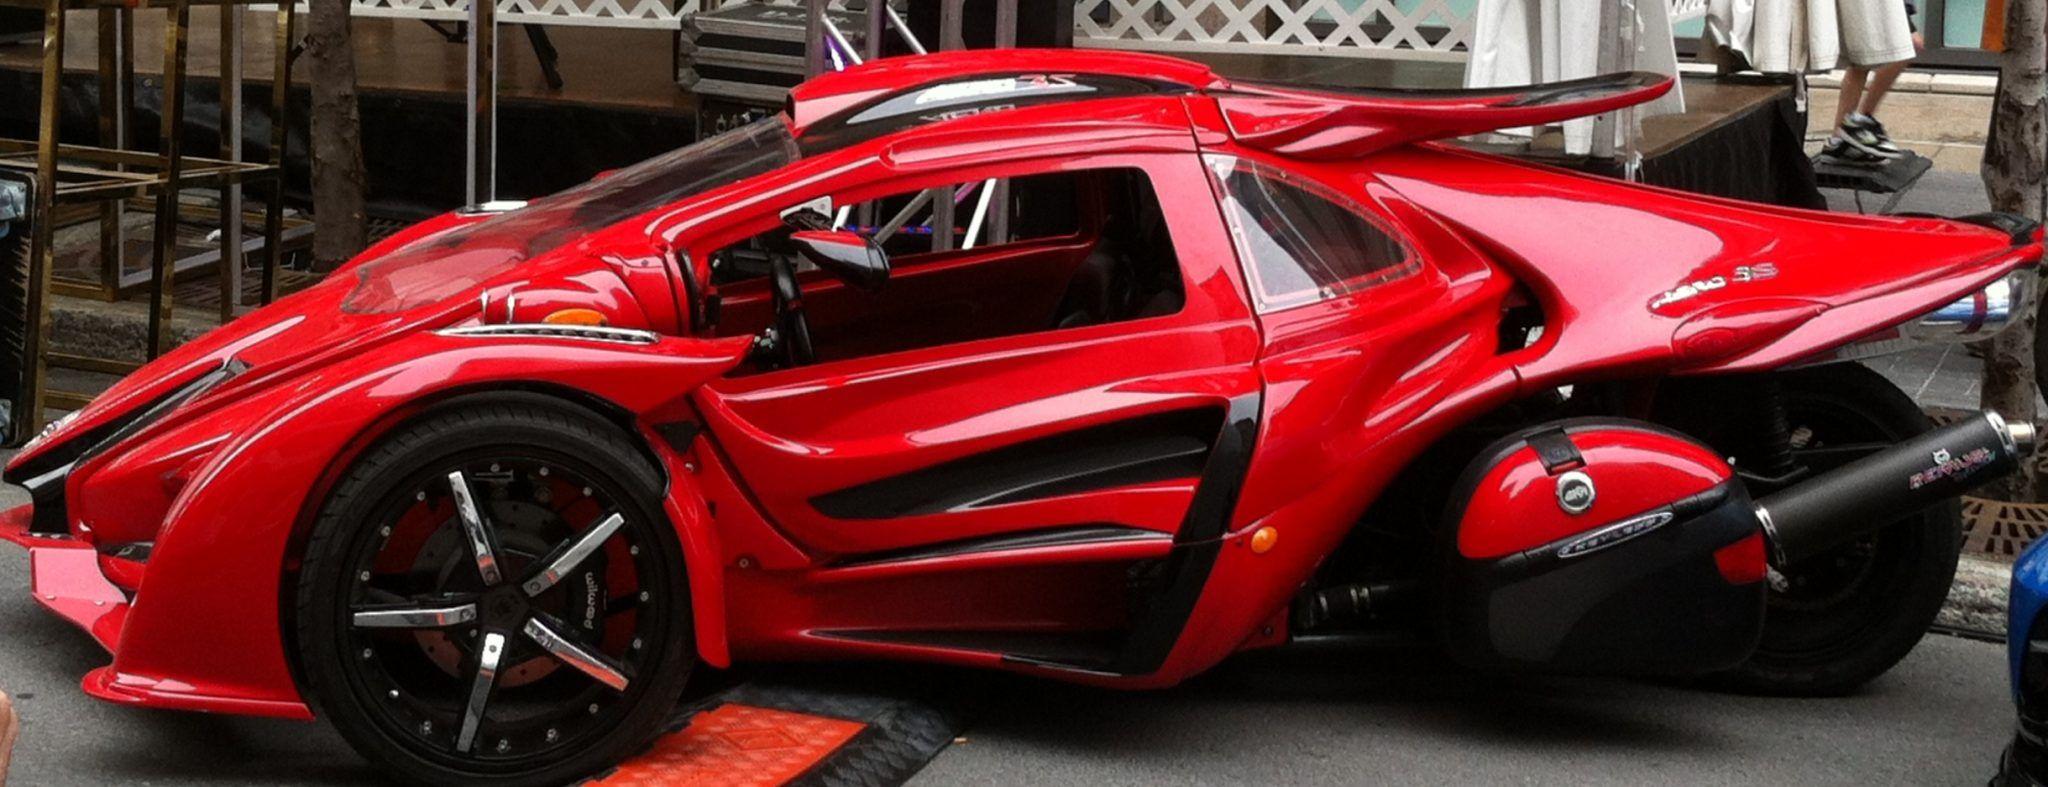 R sultat de recherche d 39 images pour la plus belle voiture du monde les plus belles bagnoles - Images de belles voitures ...